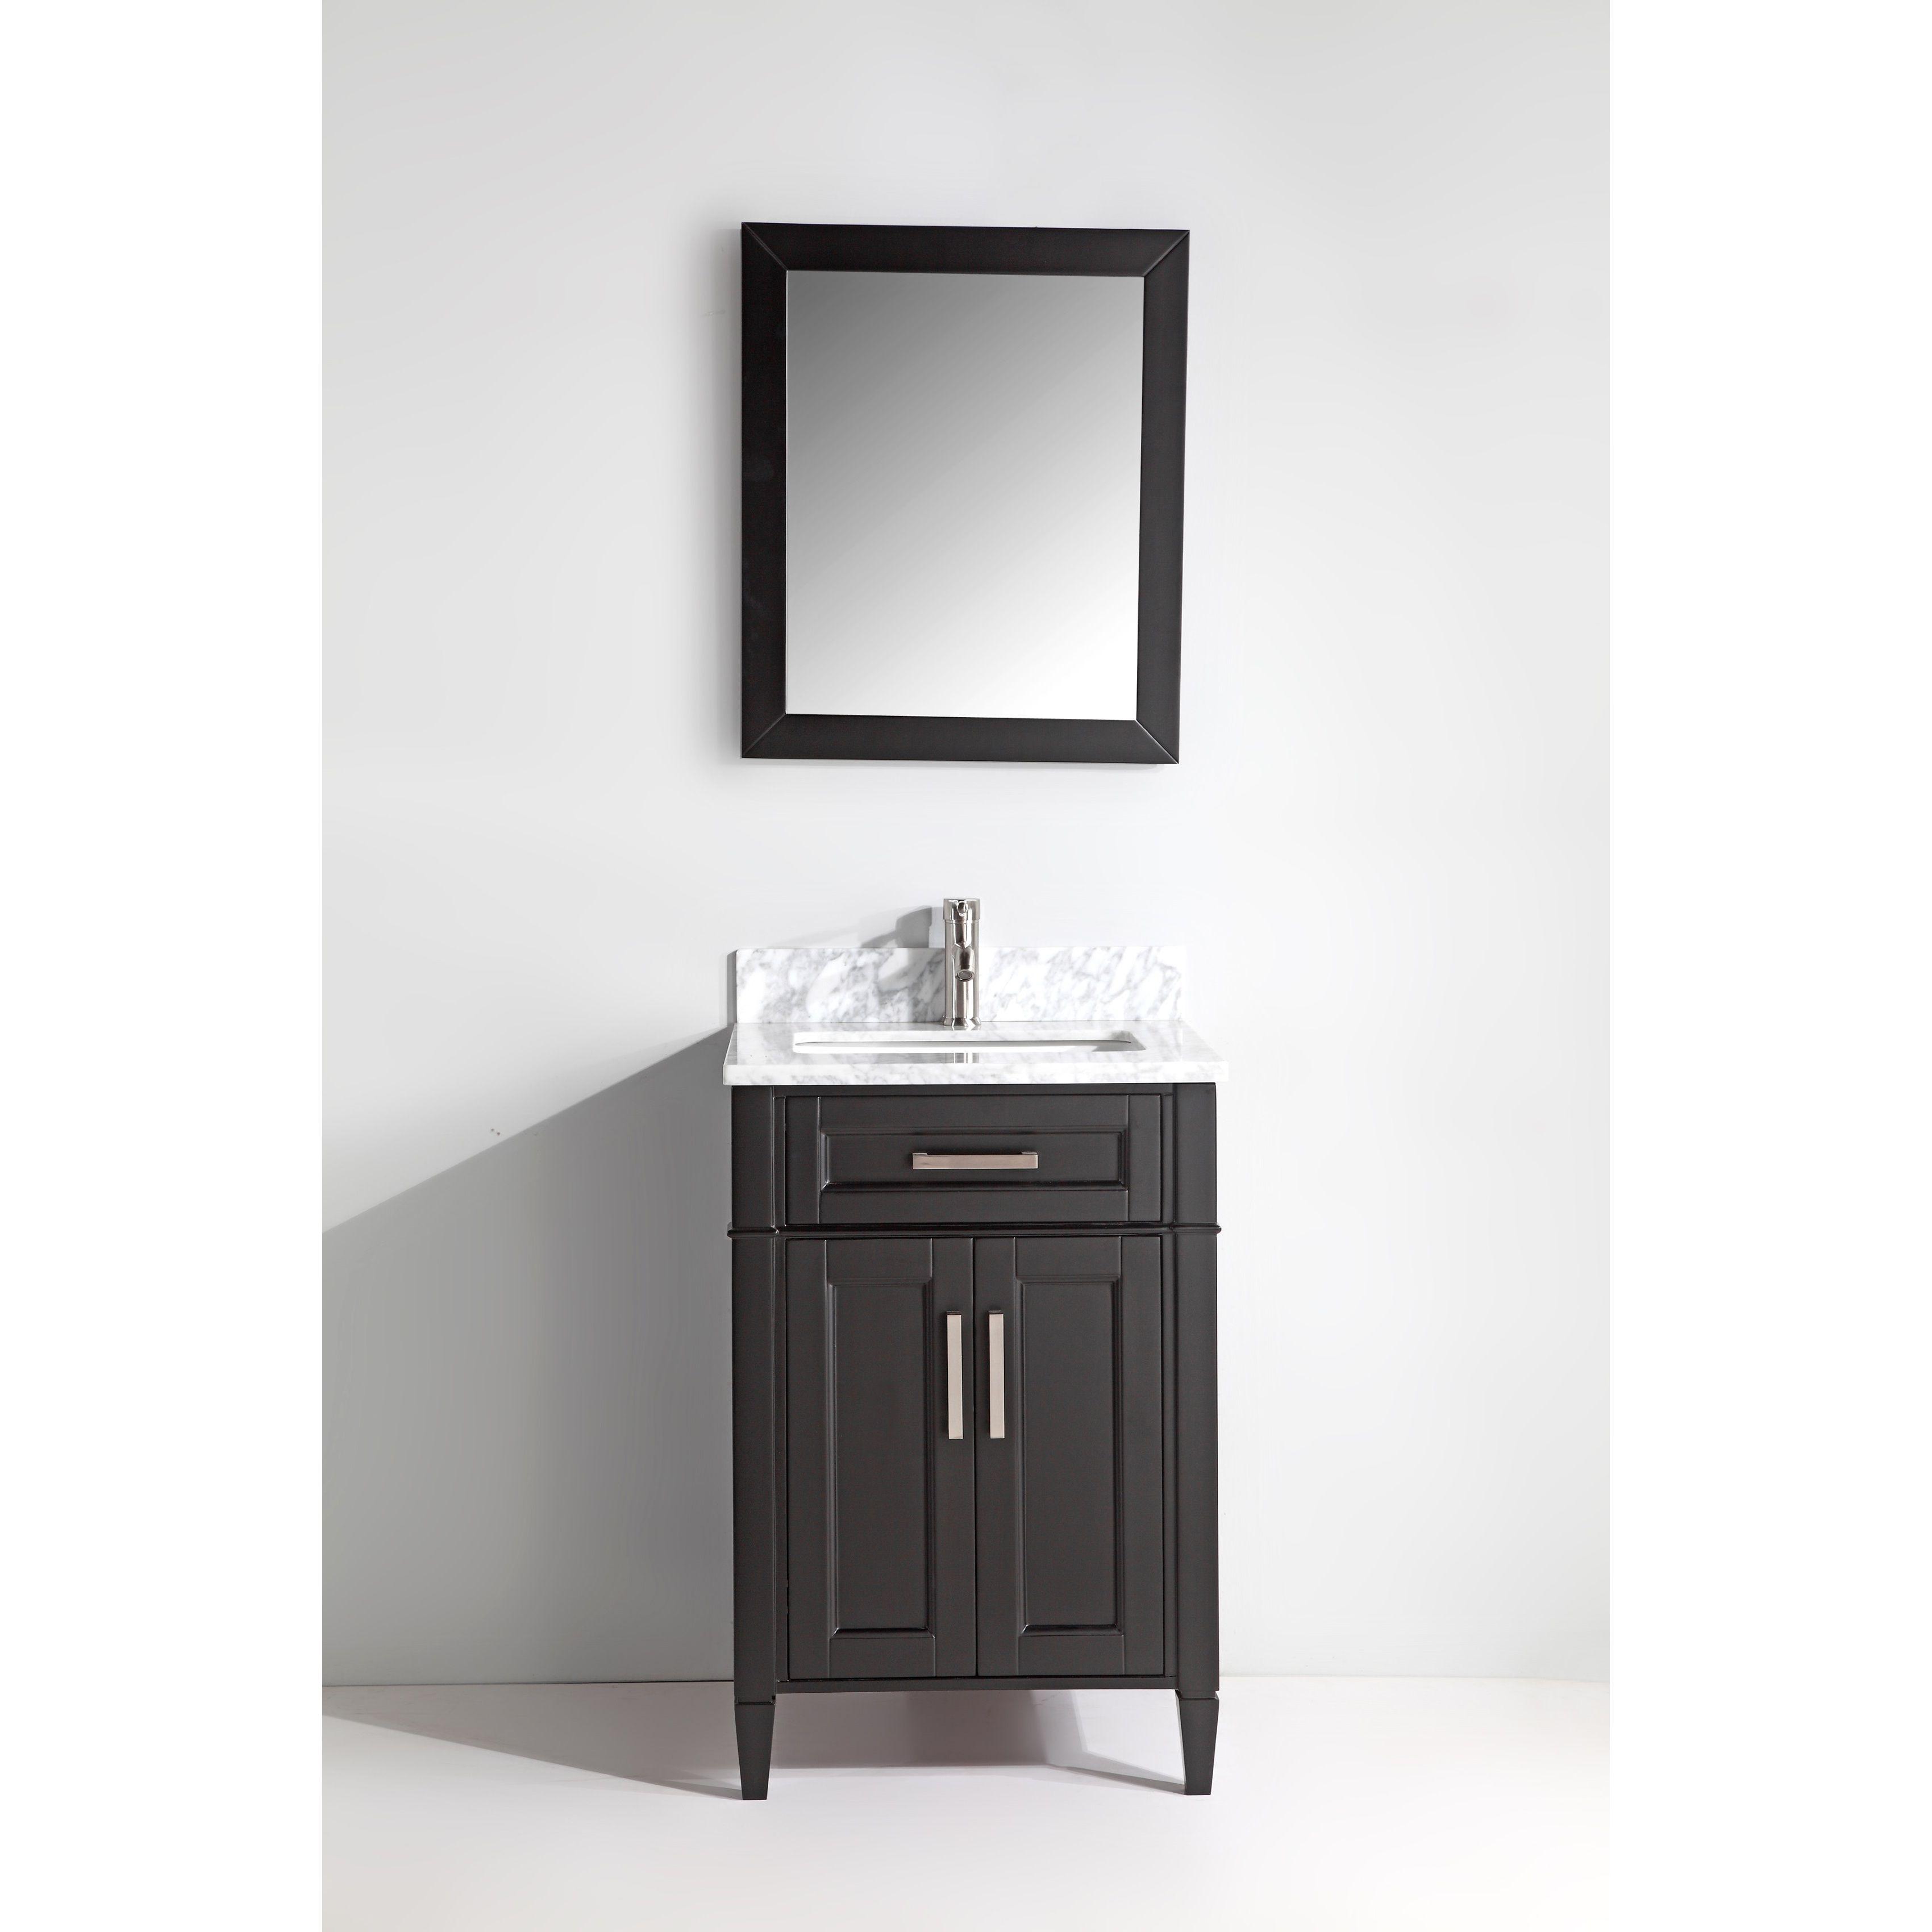 Vanity Art 24 Inch Single Sink Bathroom Vanity Set Carrara Marble